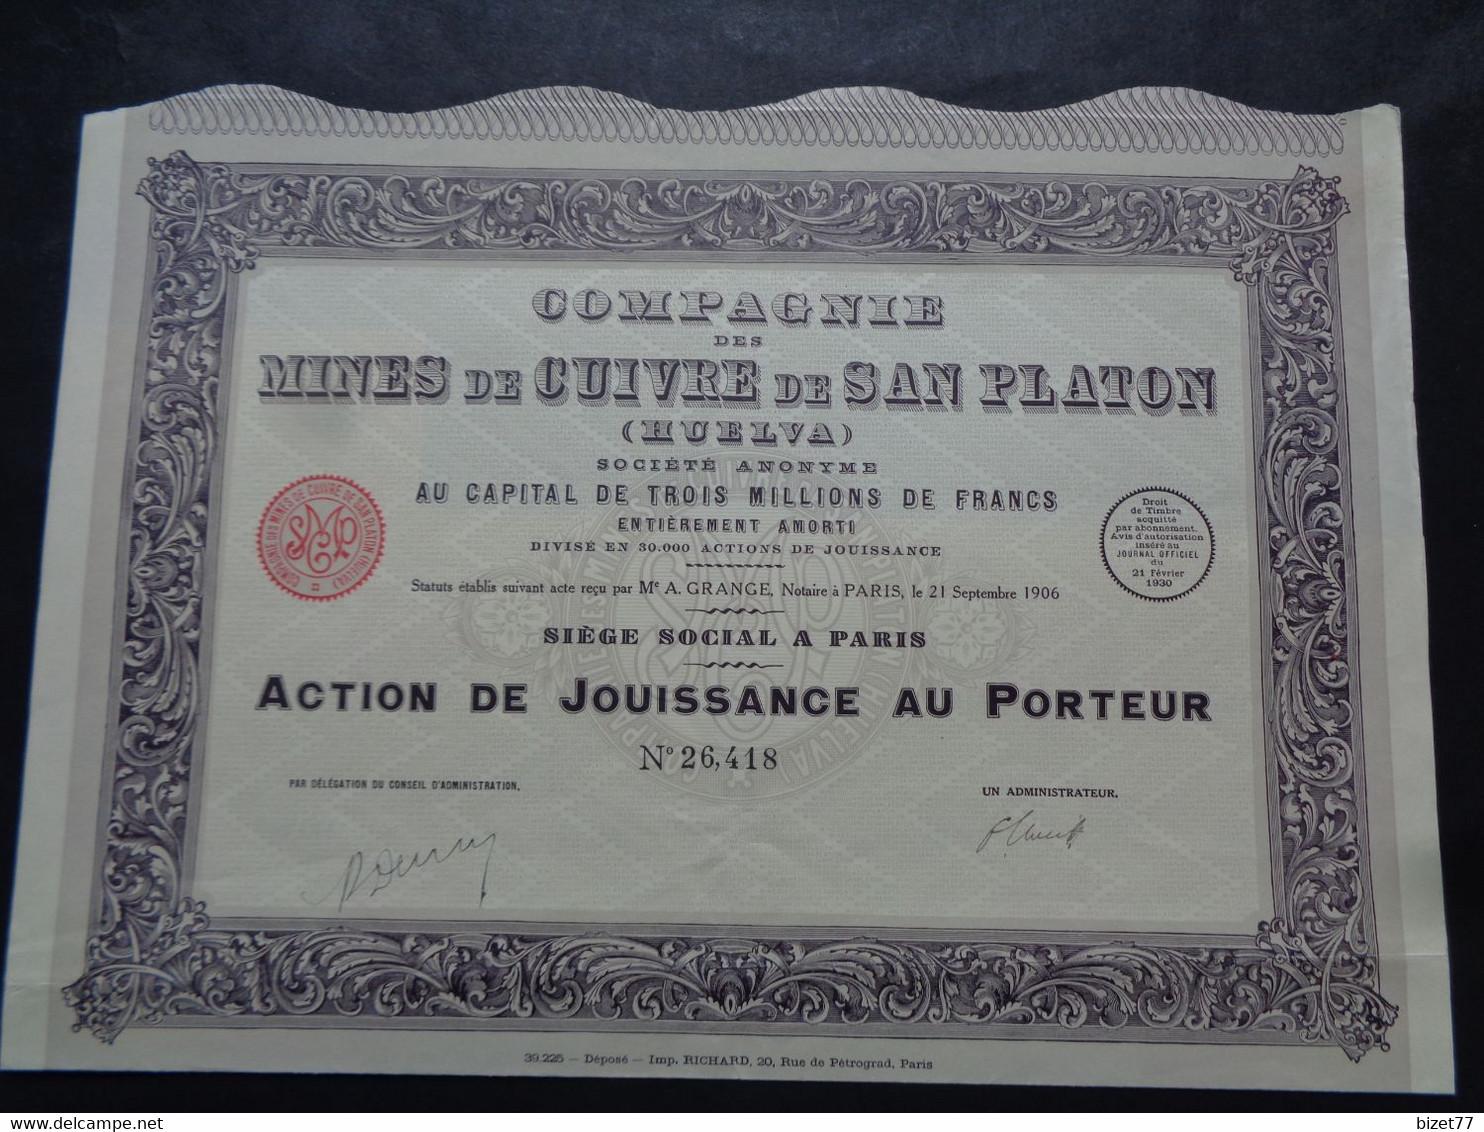 ESPAGNE - CIE DES MINES DE CUIVRE DE SAN PLATON, HUELVA - ACTION DE JOUISSANCE - PARIS 1930 - Unclassified